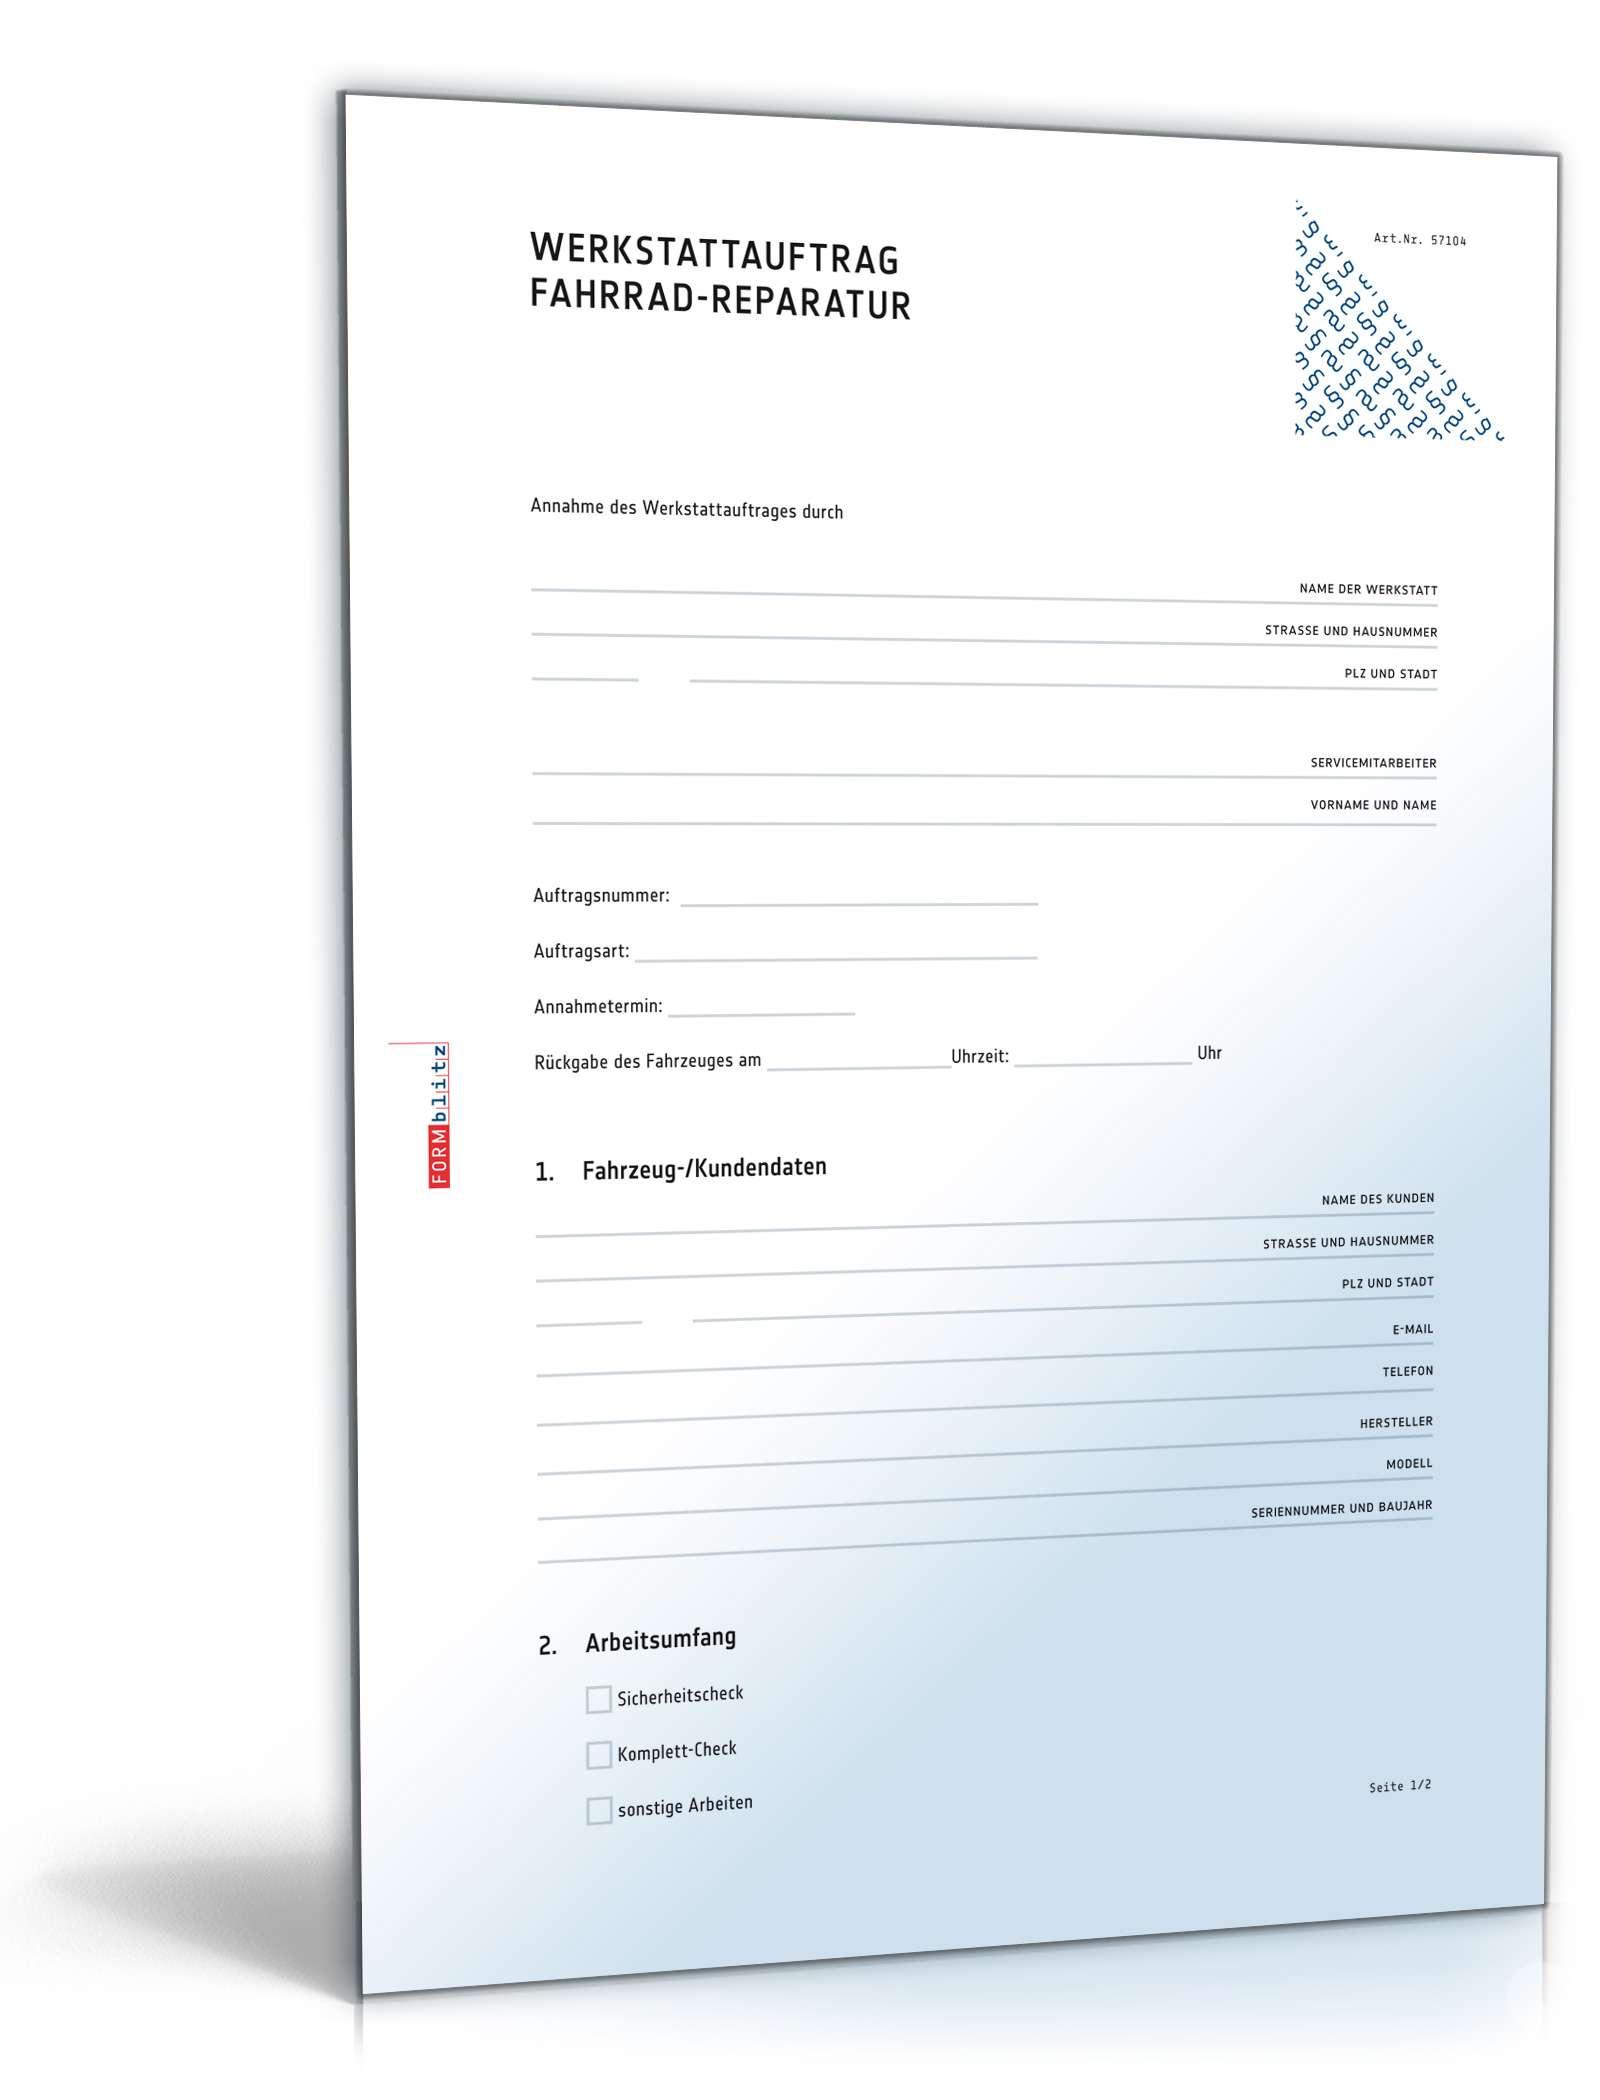 Werkstattauftrag Kfz Reparatur Muster Zum Download 0